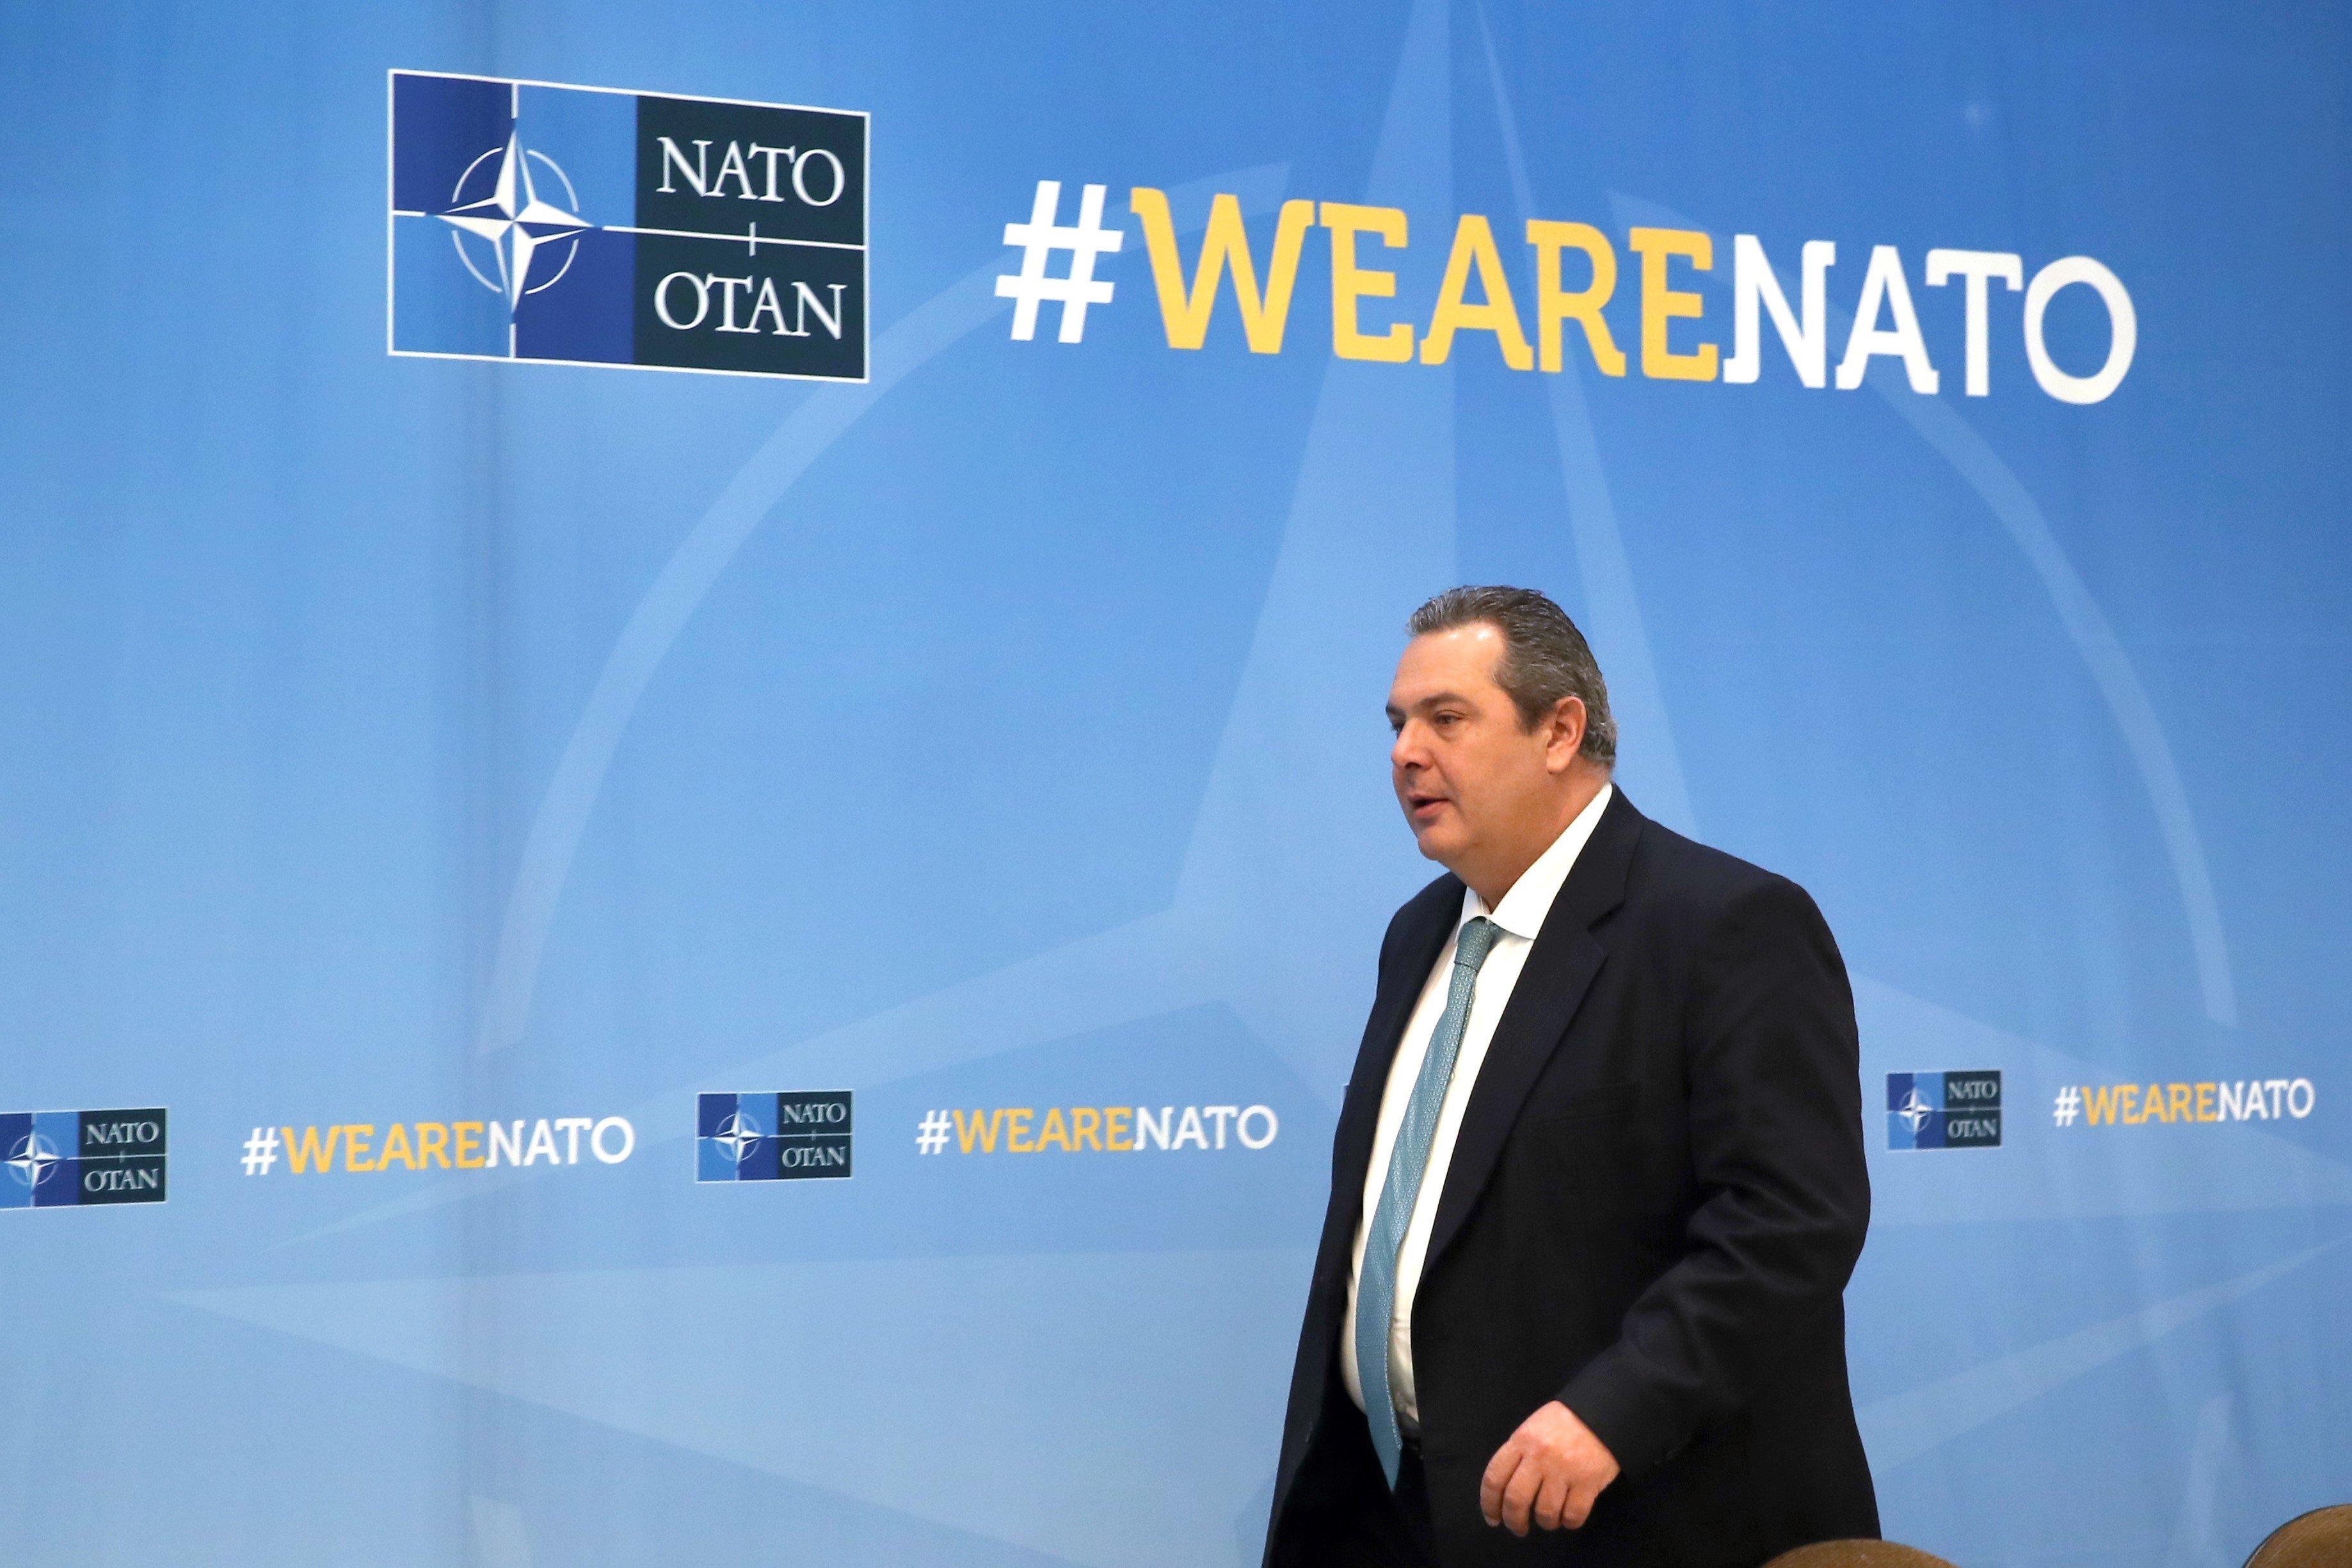 «Στις περιοχές που δέχονται άμεση απειλή» οι δυνάμεις του Ελληνικού Στρατού, λέει ο